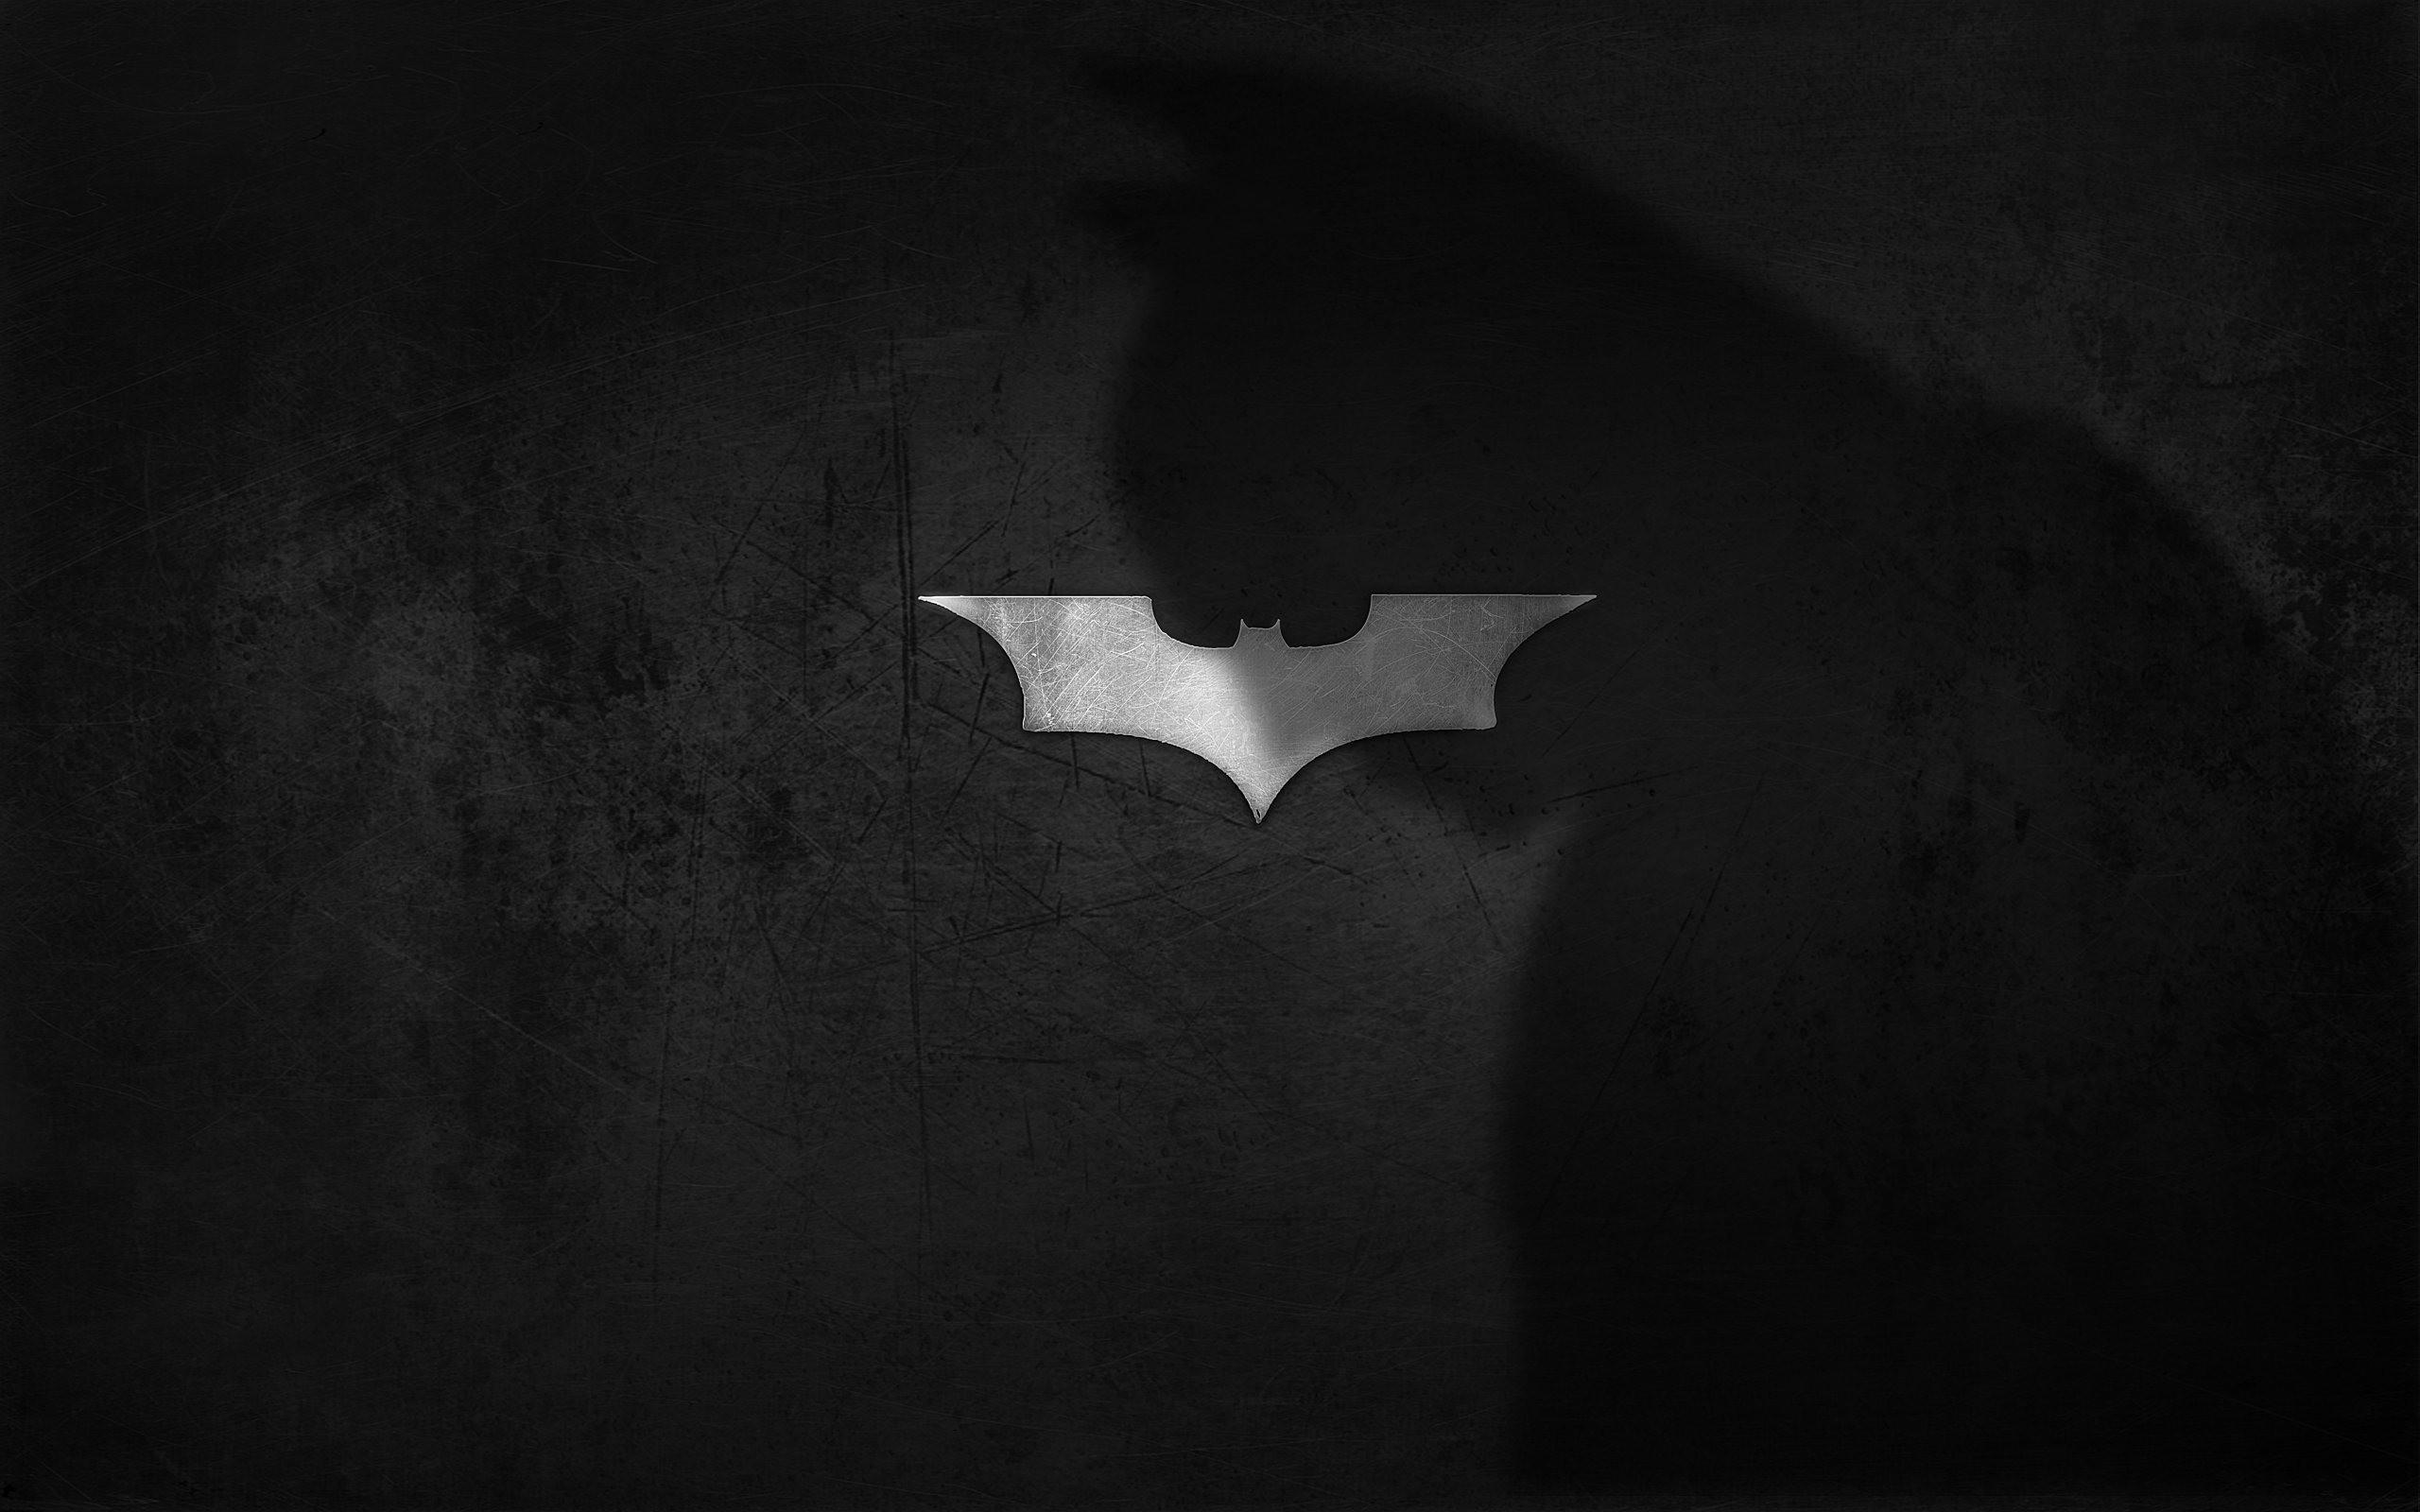 Awesome Batman Wallpaper. : batman